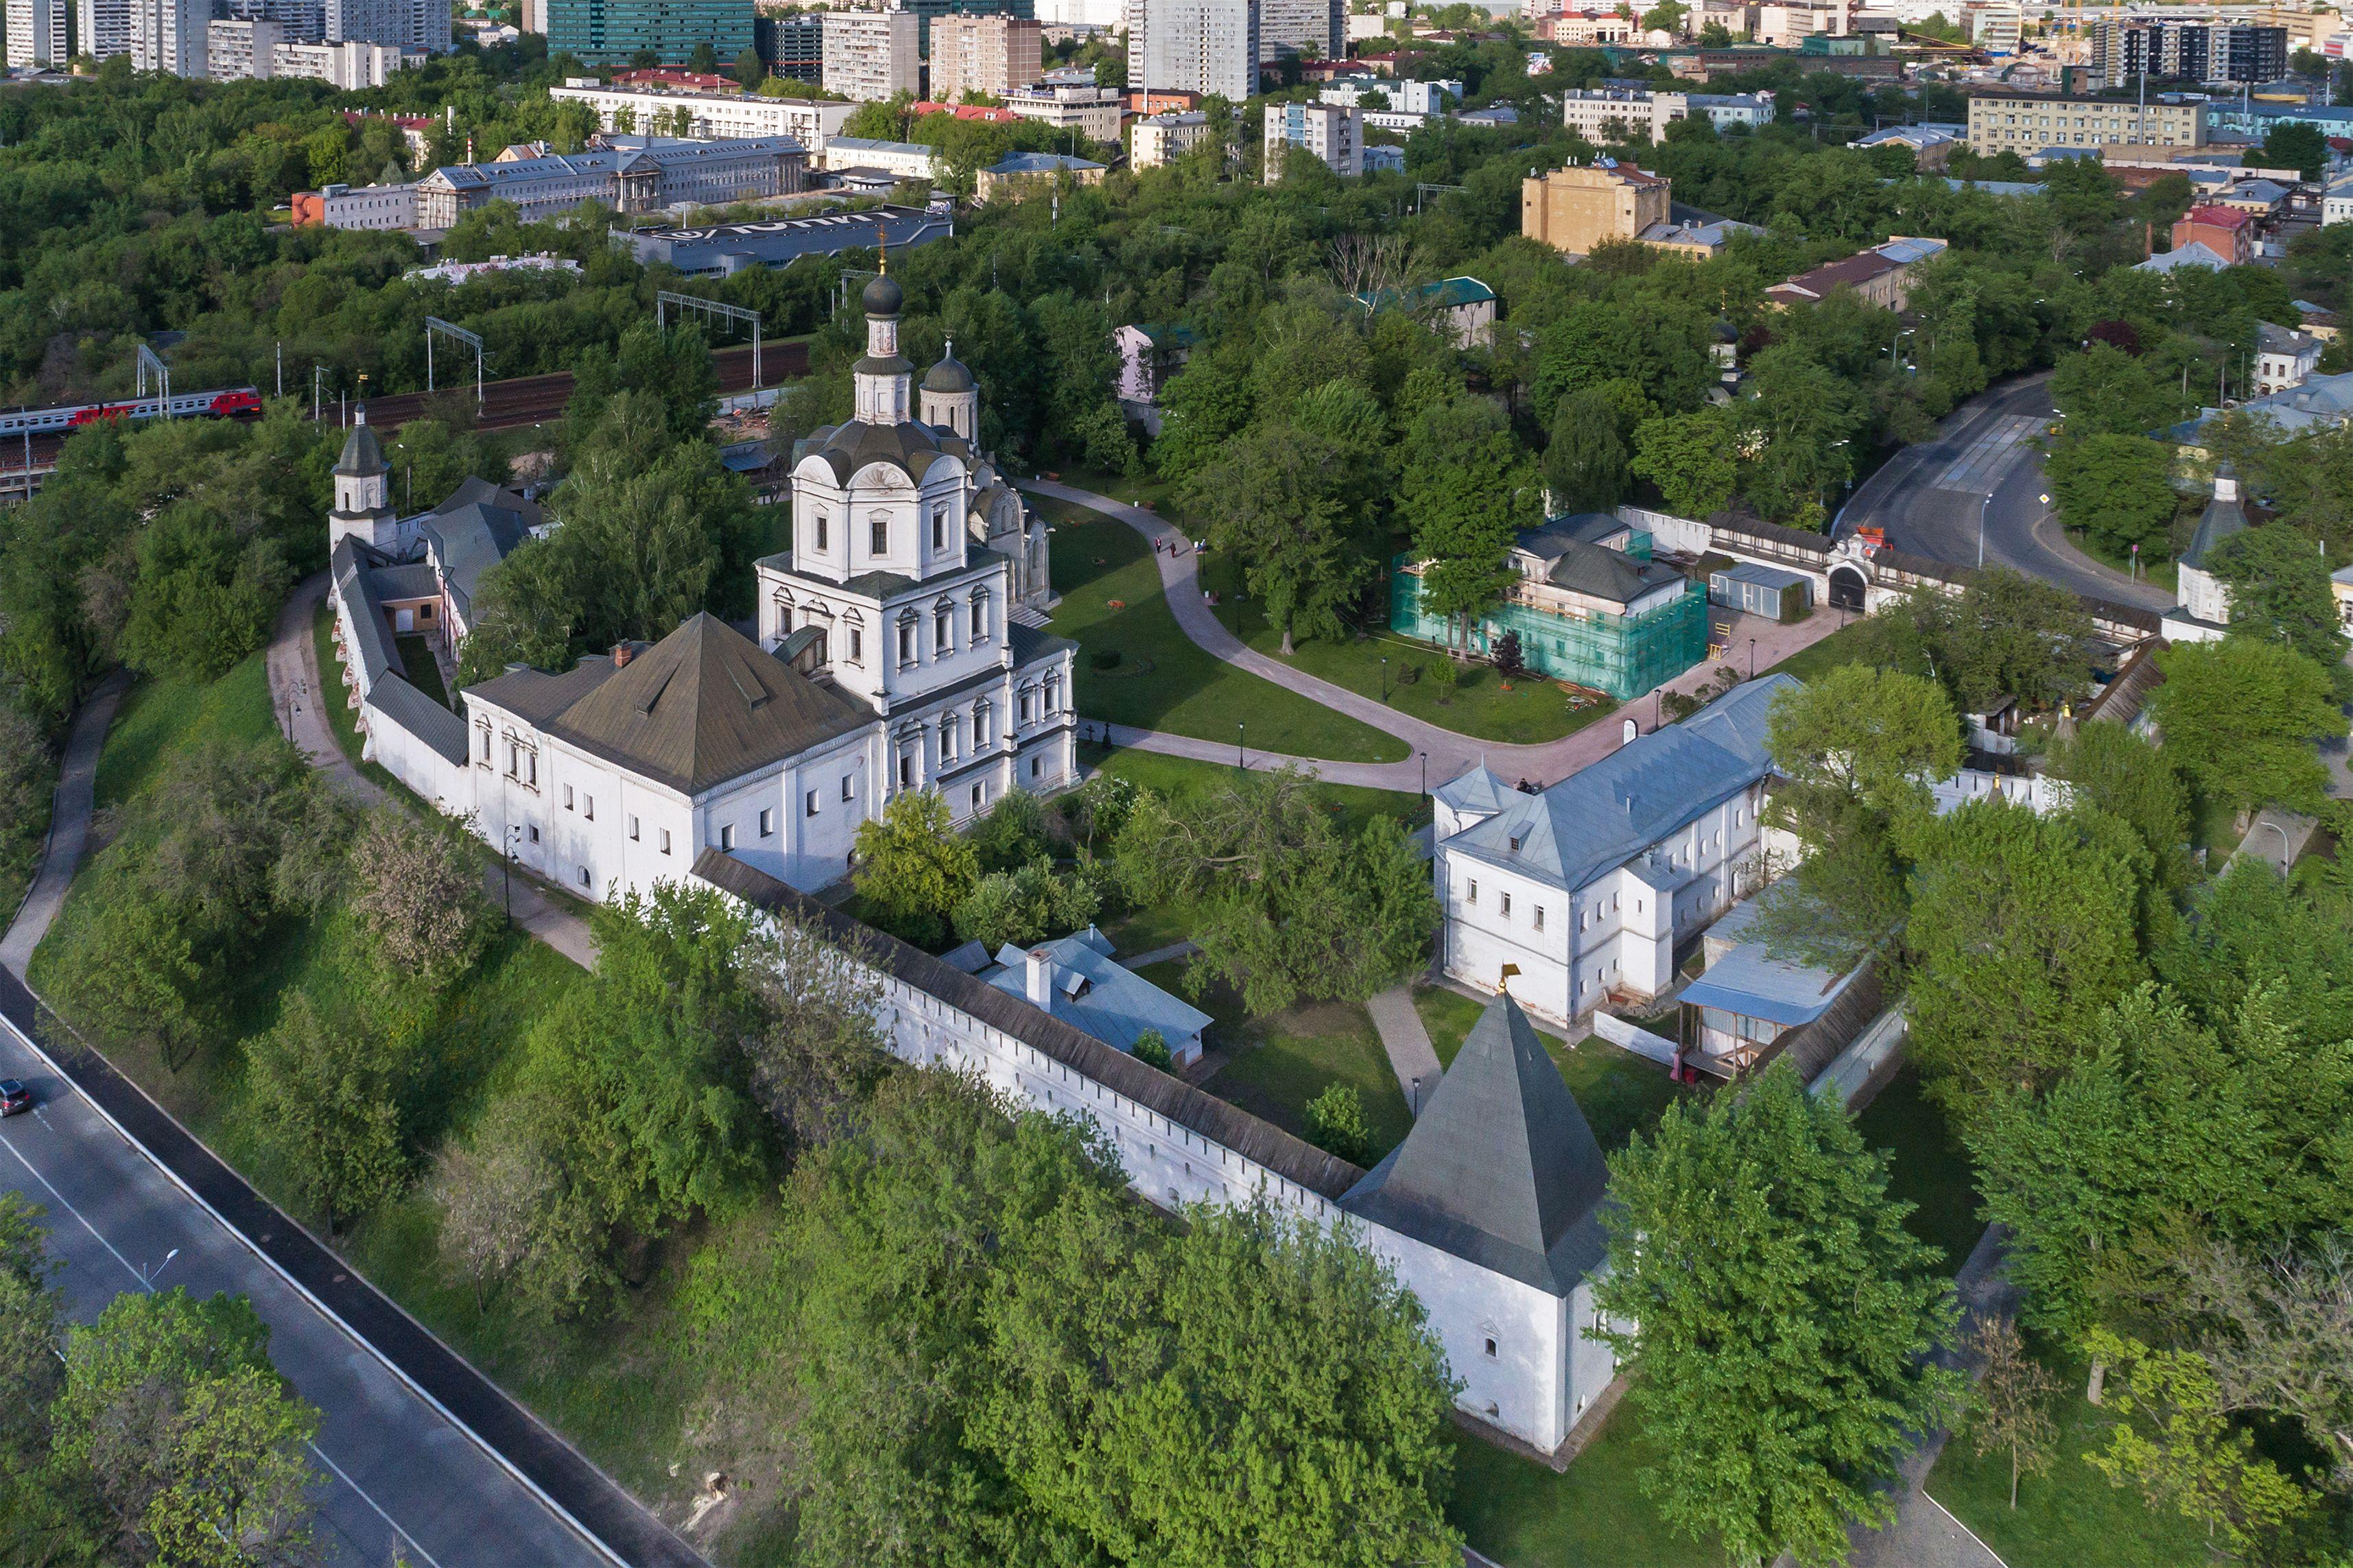 Союз музеев призвал сохранить Музей имени Андрея Рублева